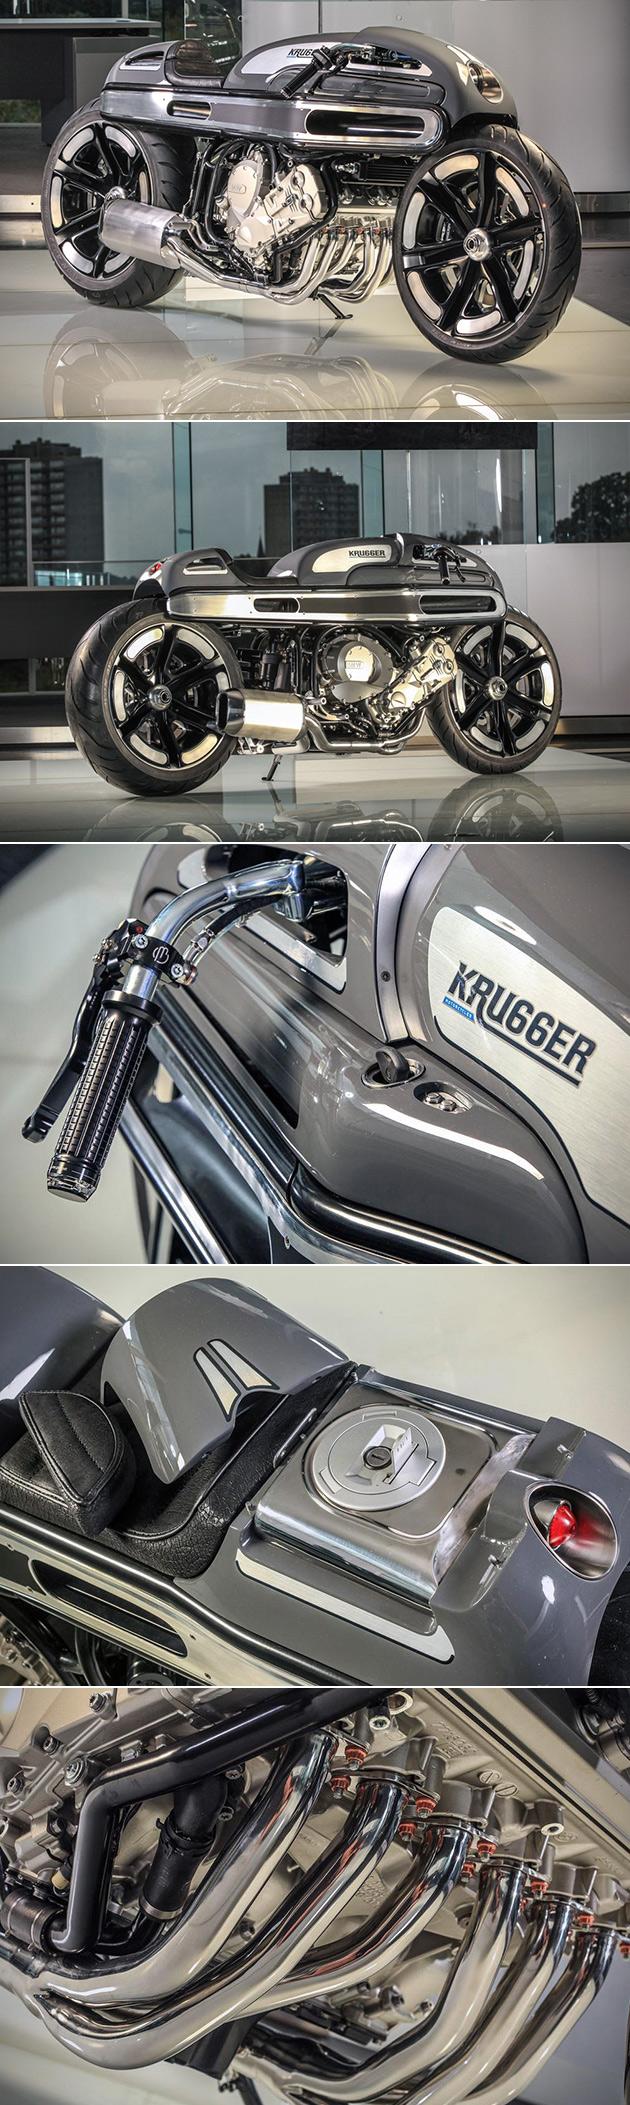 K1600 Krugger BMW Motorcycle